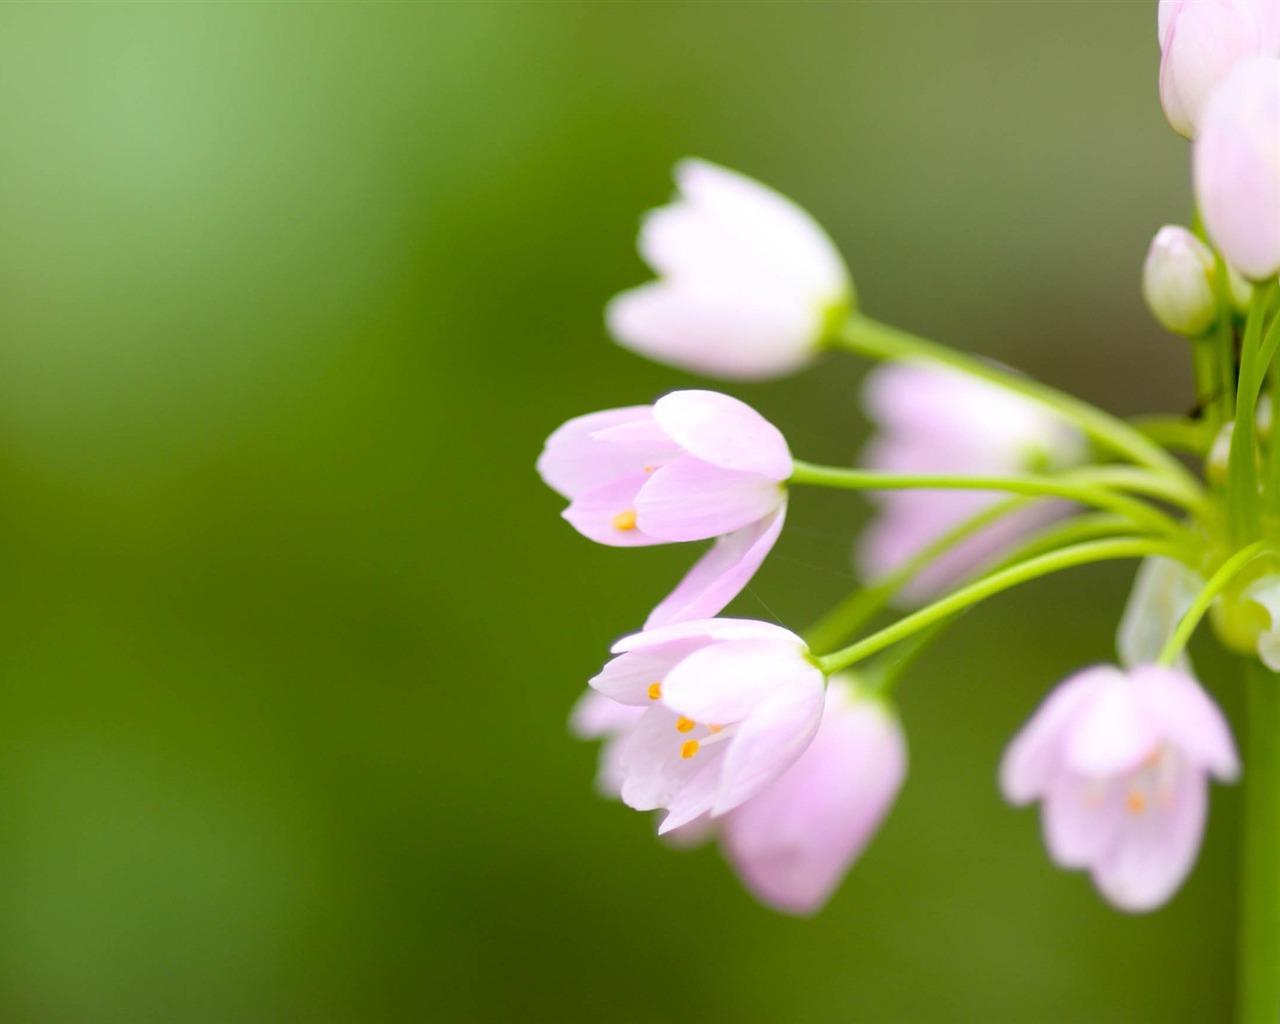 花卉模糊-植物鲜花高清壁纸 - 1280x1024 壁纸 下载图片